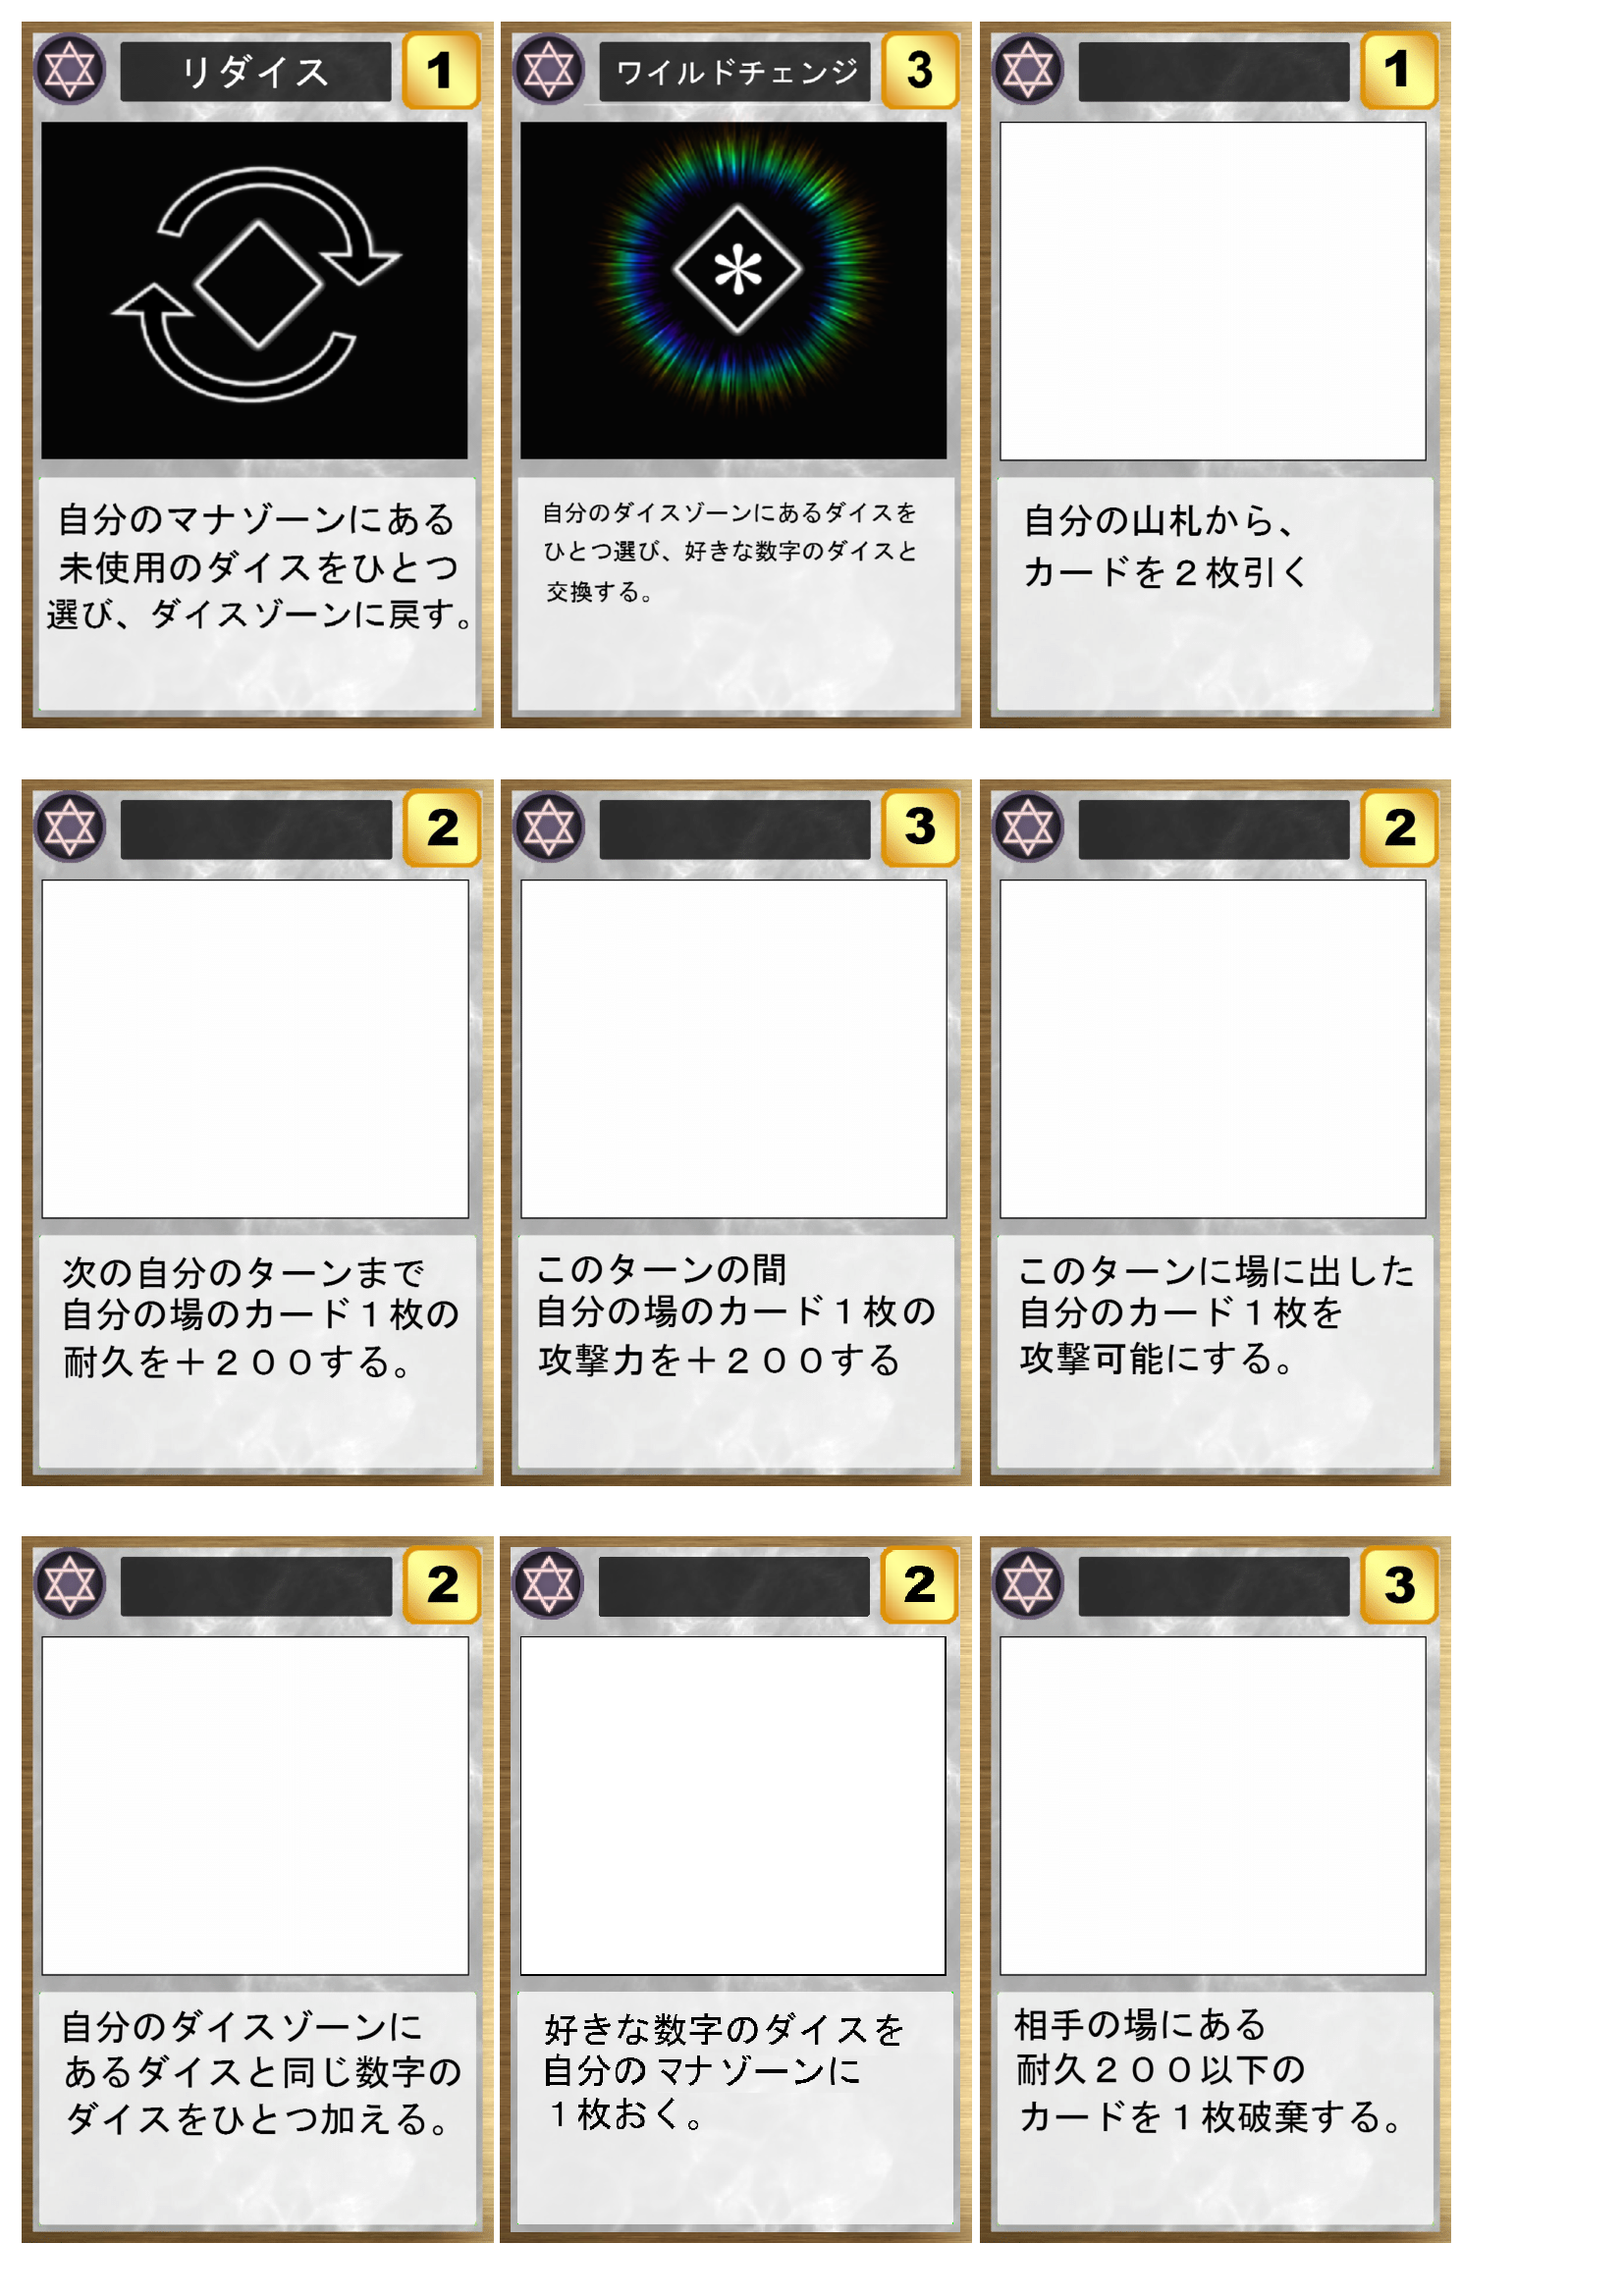 基礎スペルカード